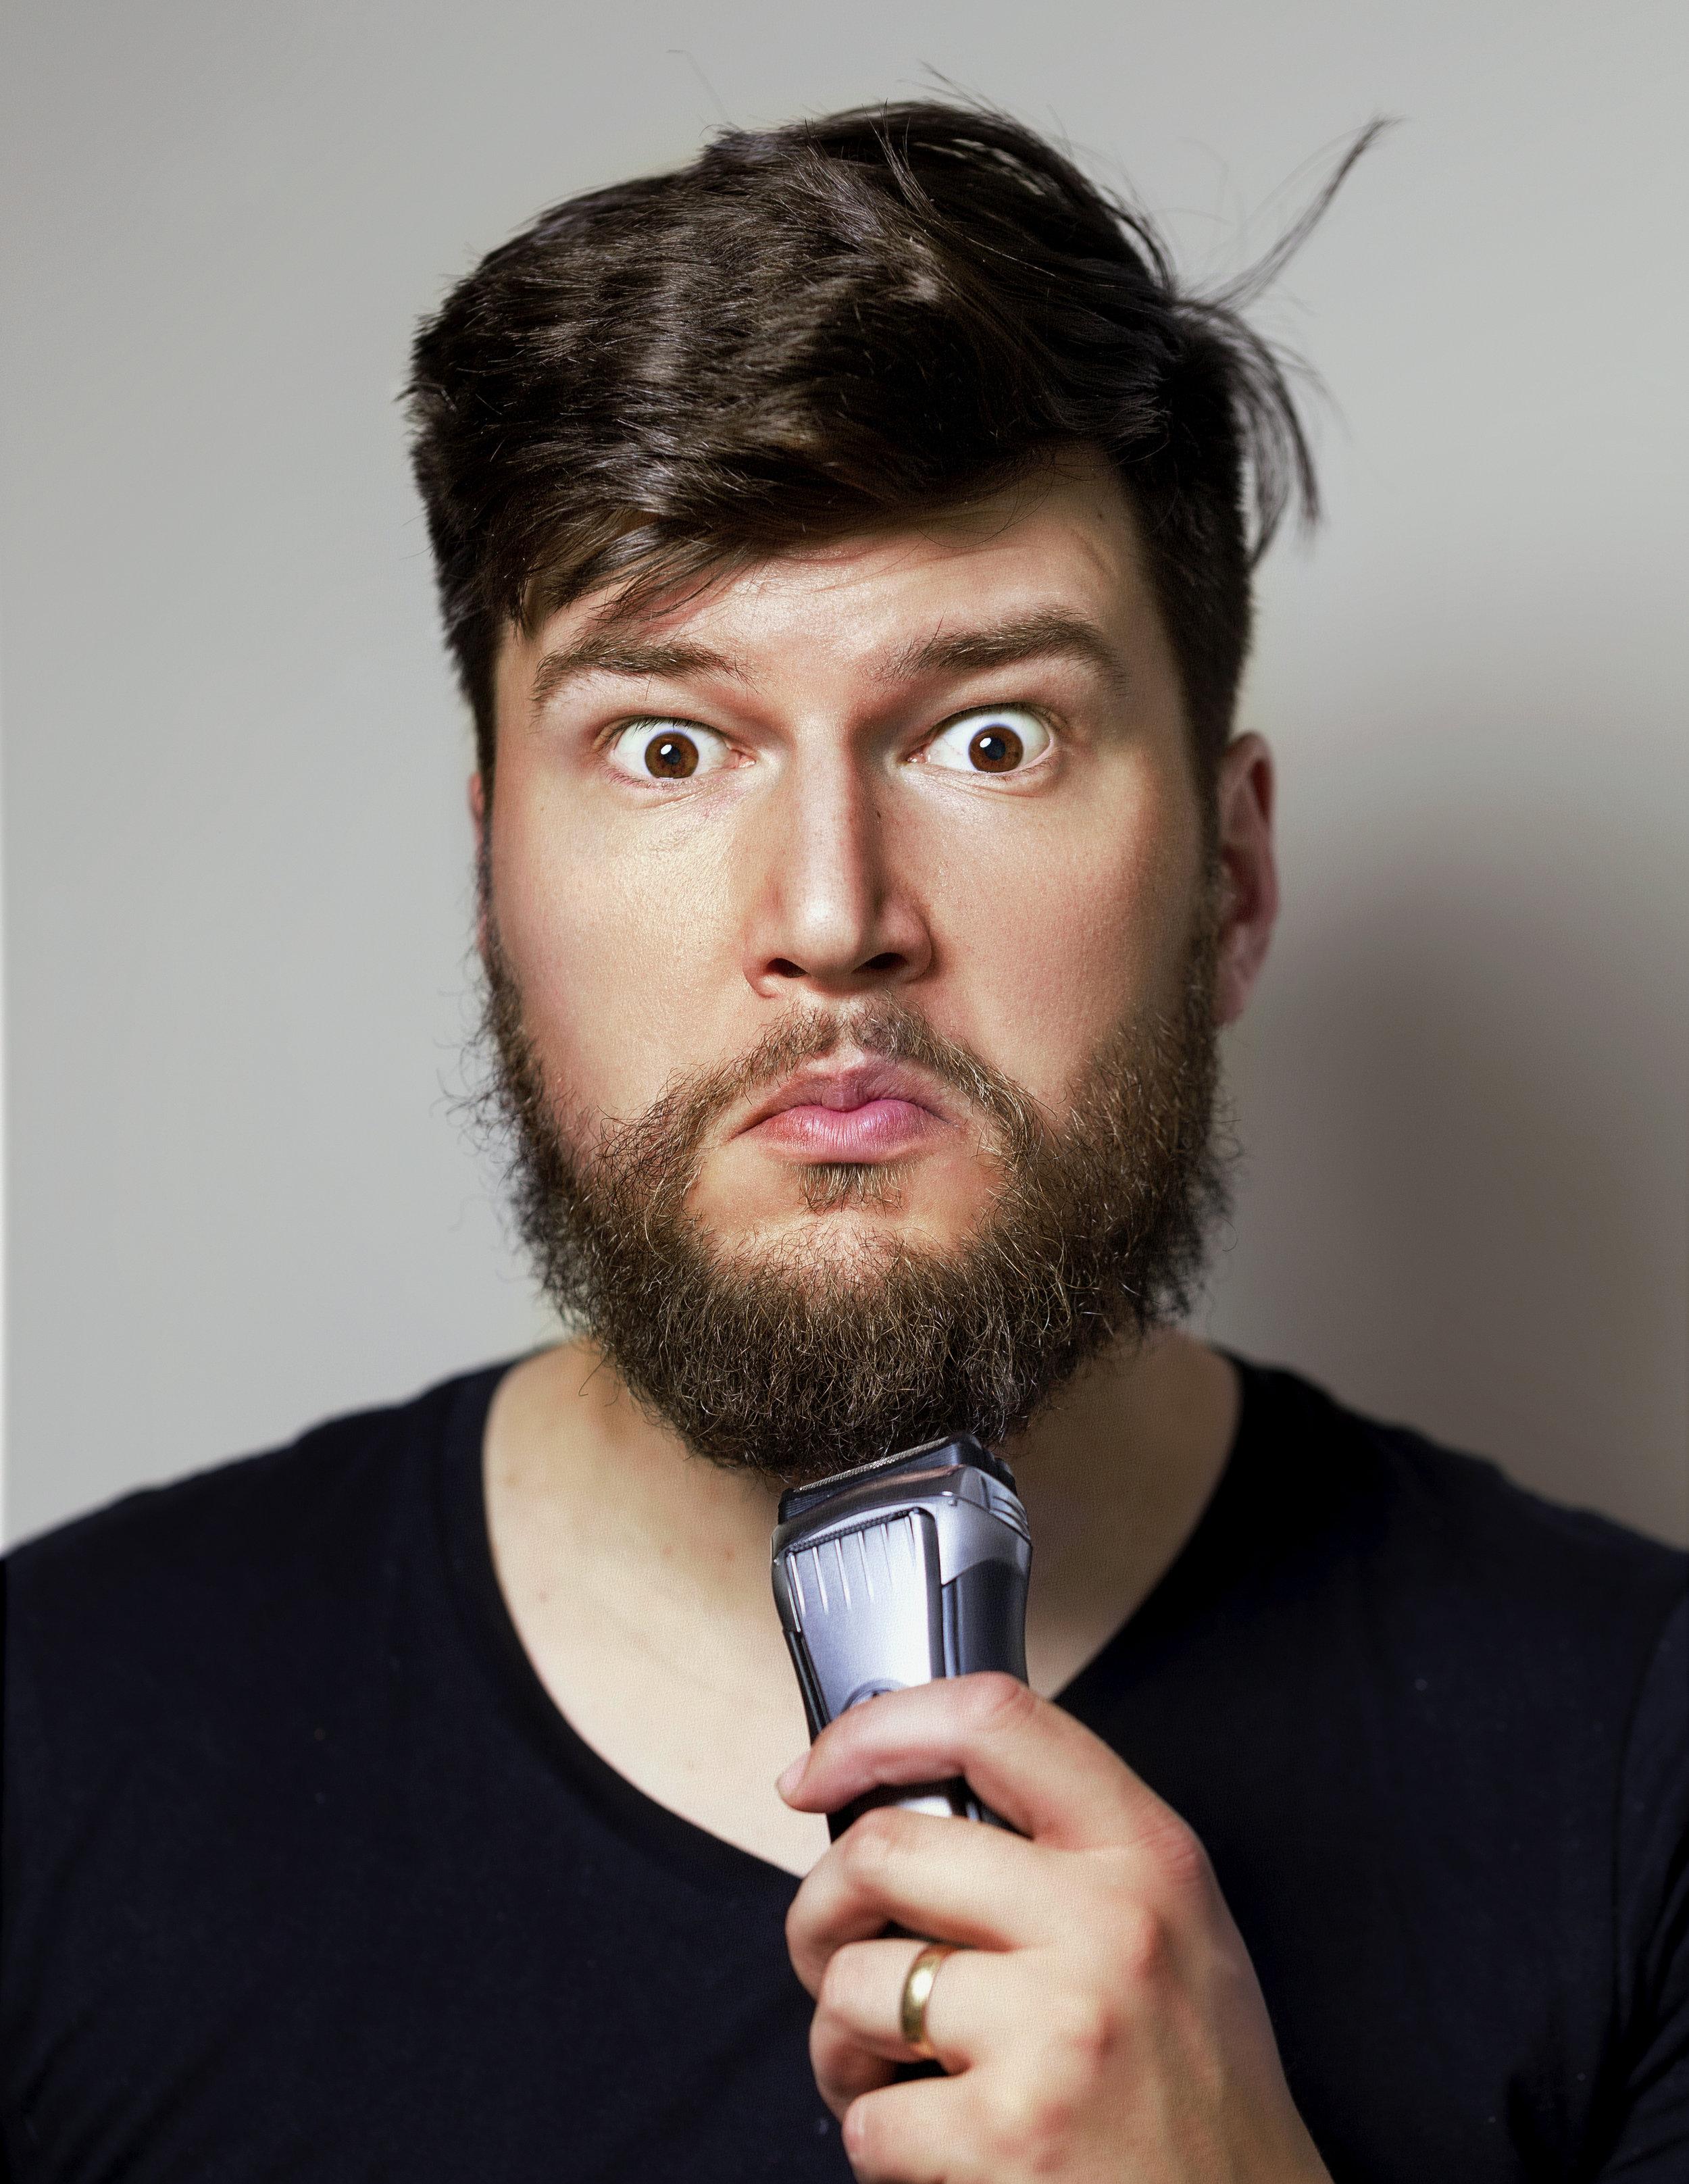 trim-my-beard-series-1.jpg